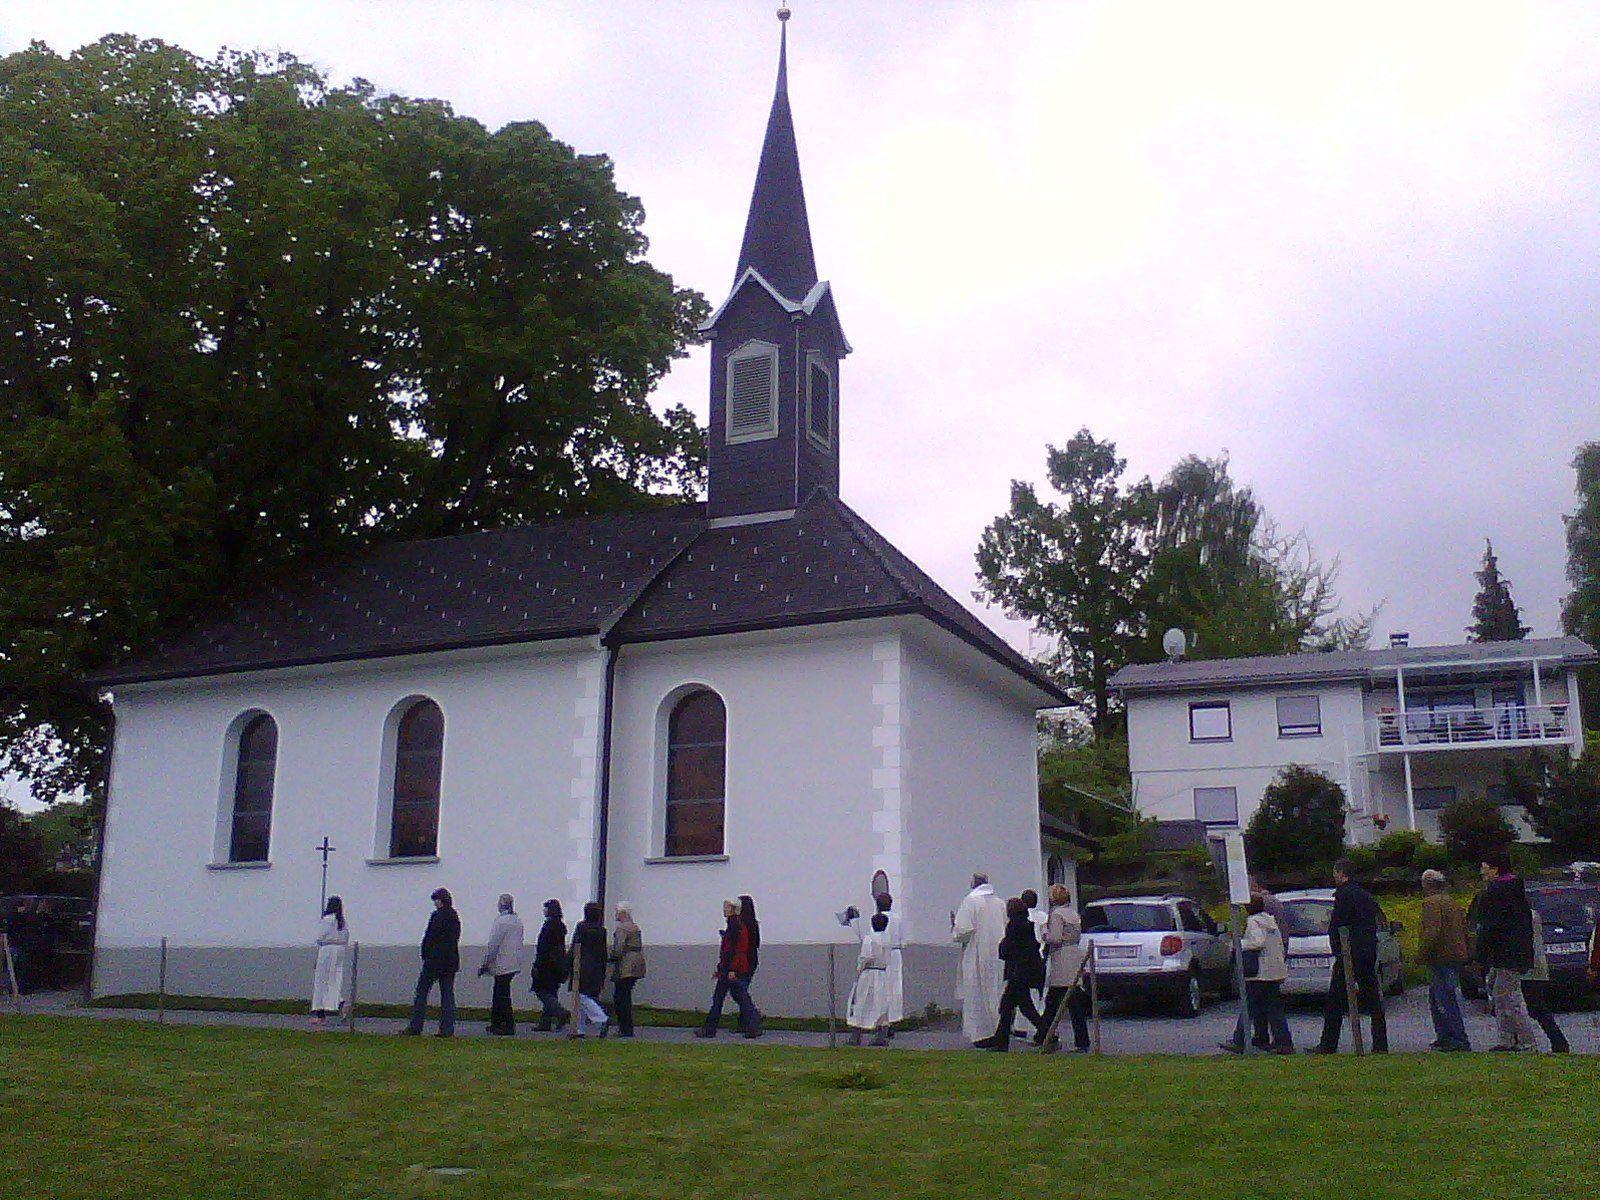 Musikalisch wird die Messe vom Frastner Chörle mitgestaltet.